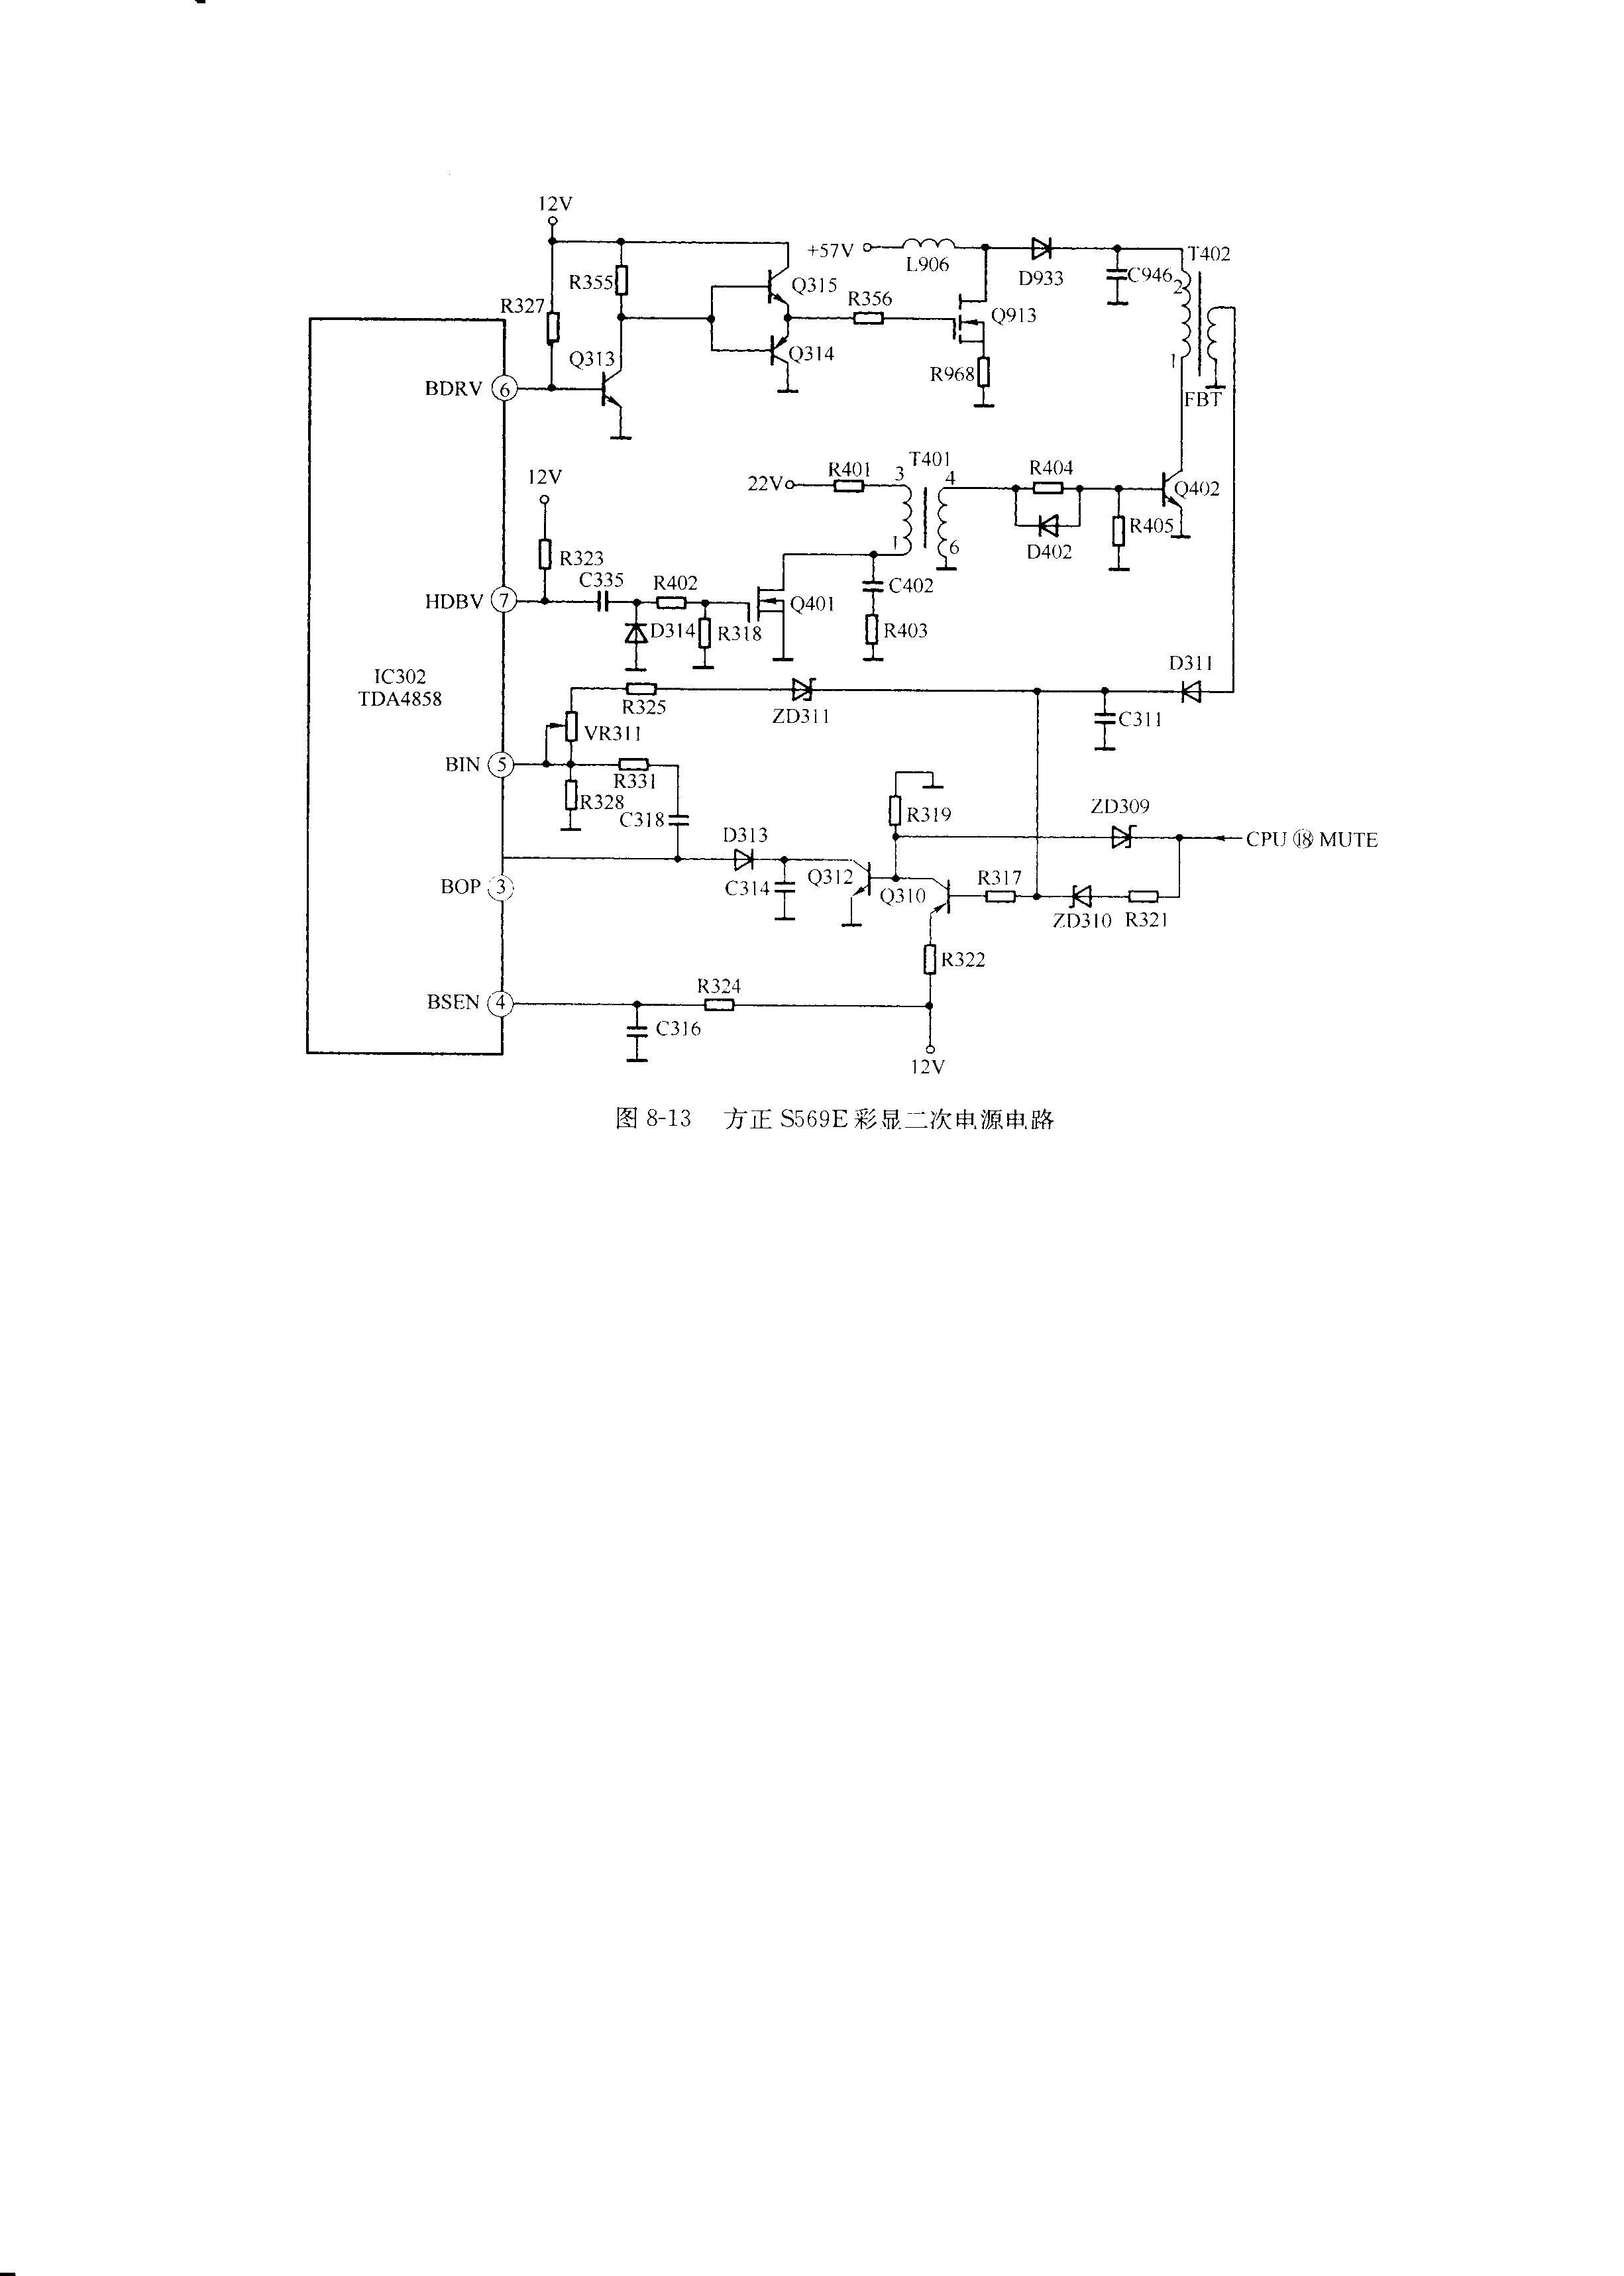 通过tda4858内部电路控制6脚输出高电平